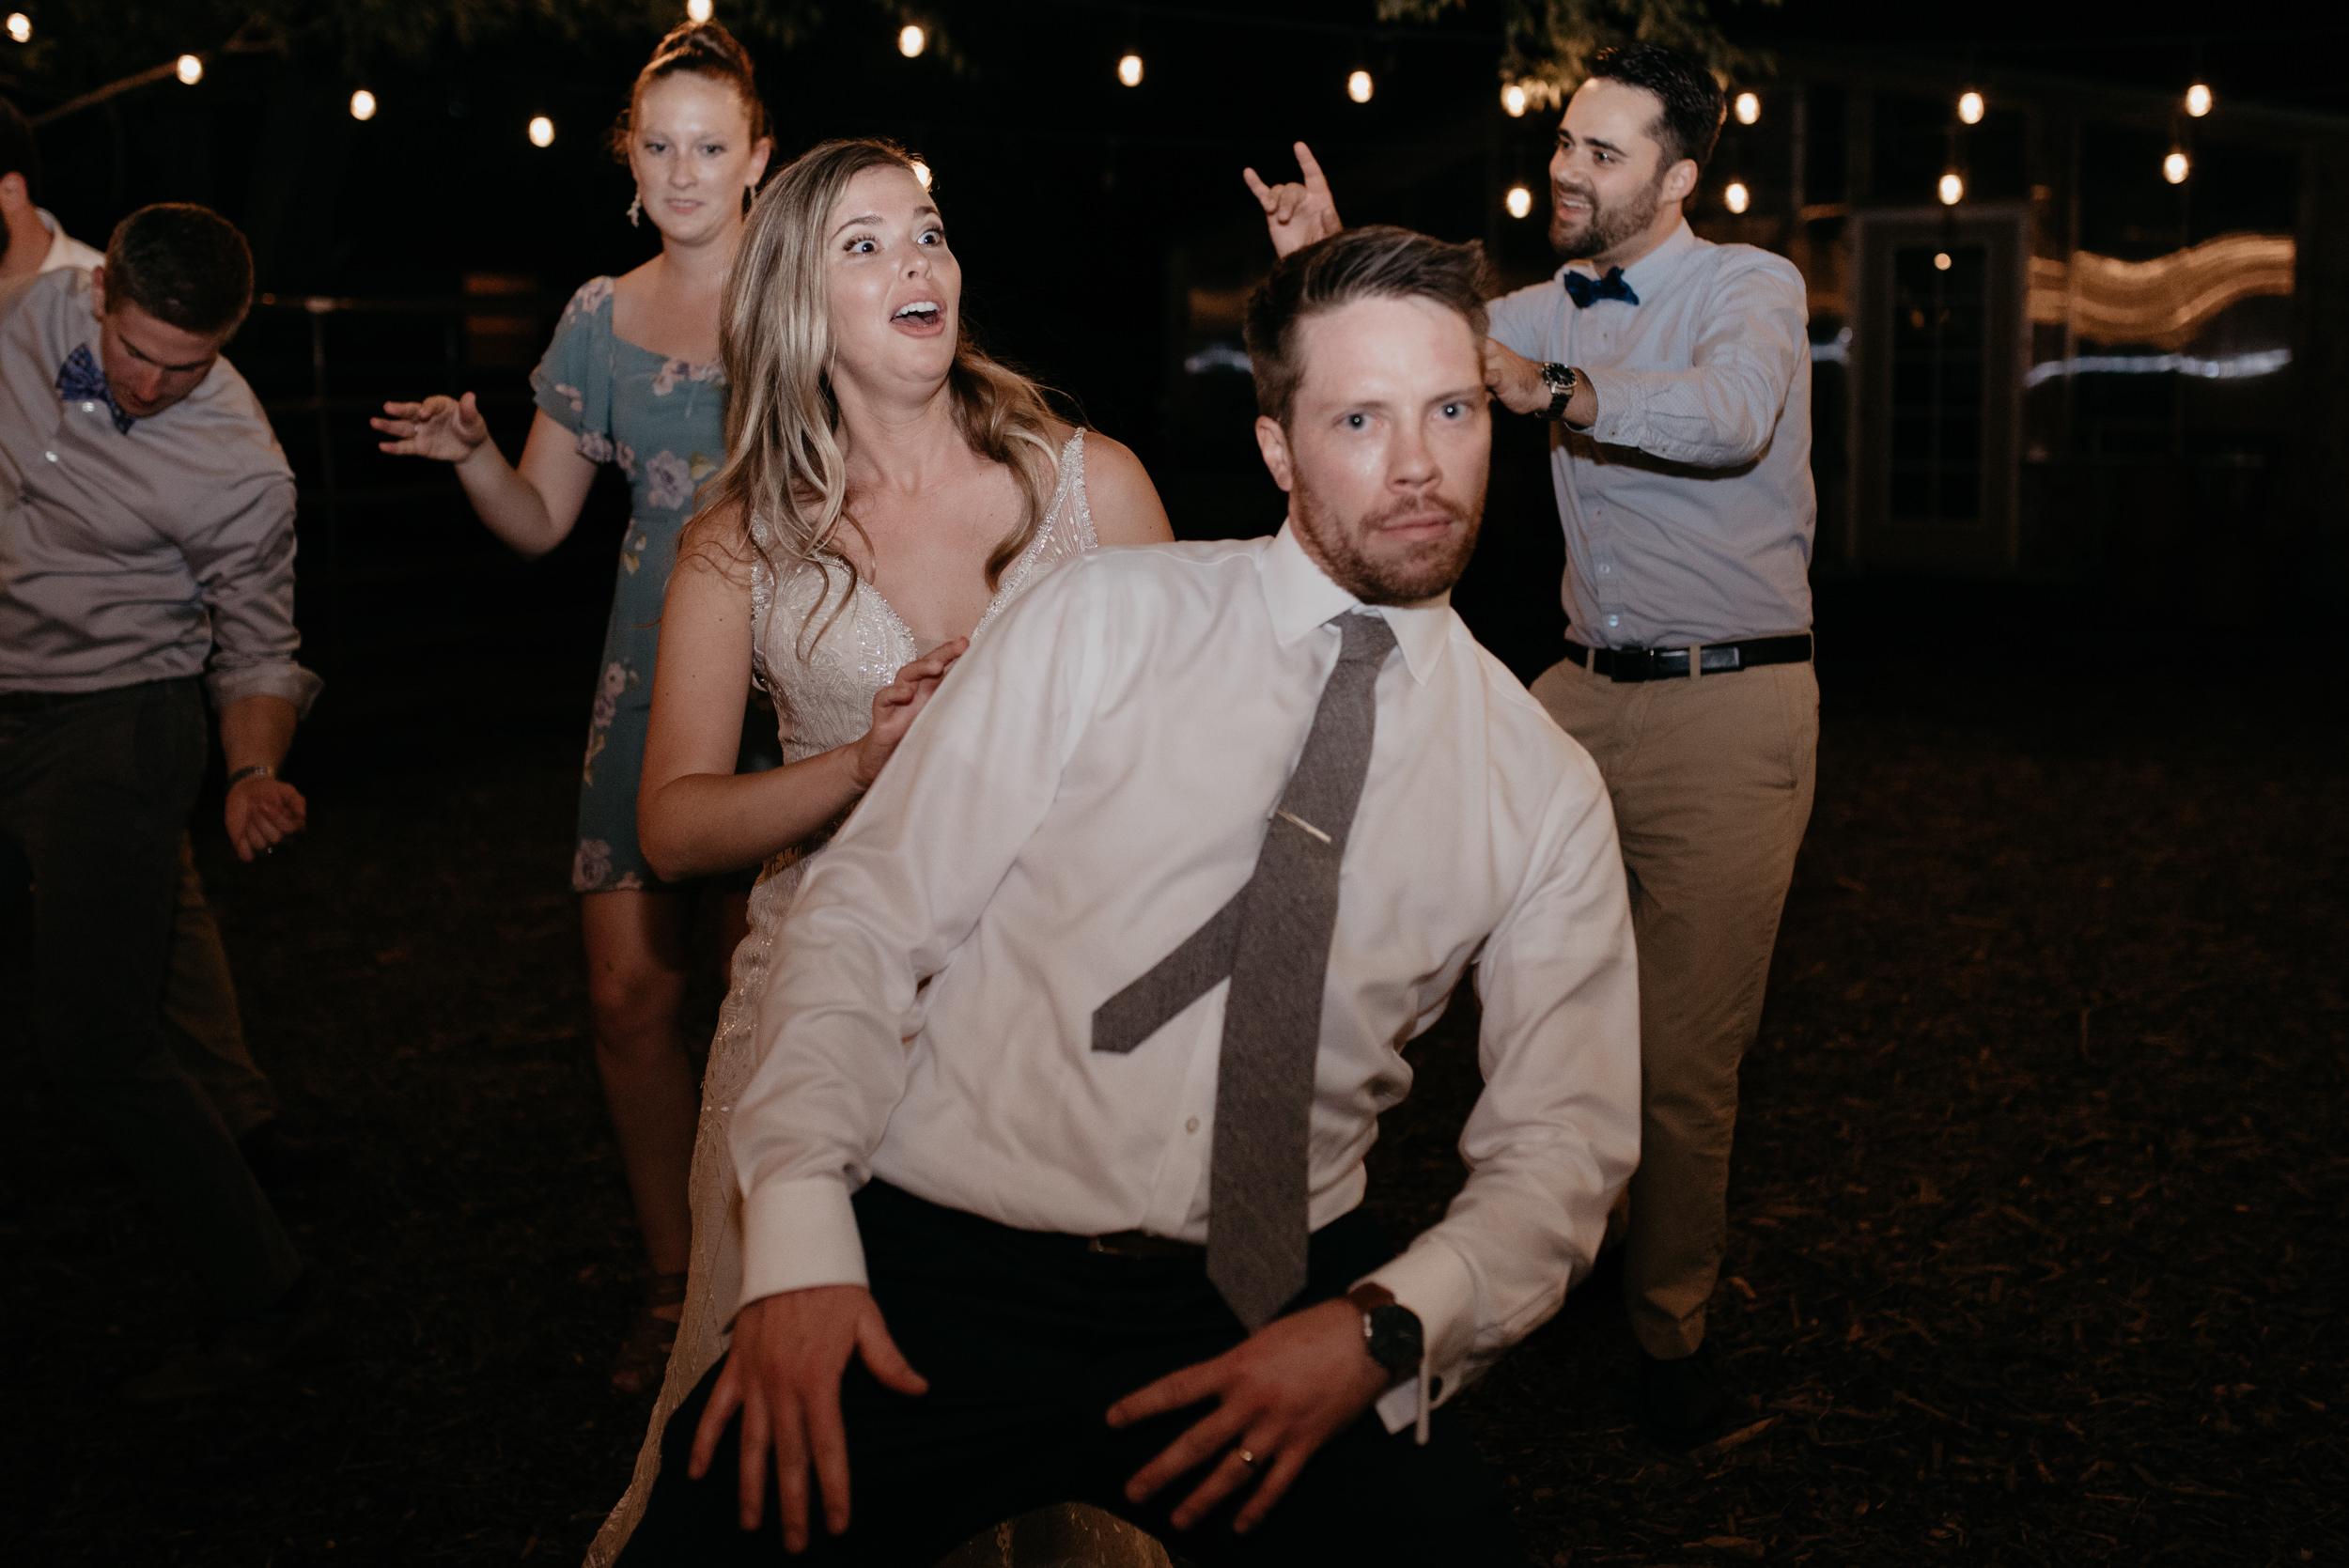 Wedding reception in Boulder, Colorado. Colorado wedding and elopement photographer.